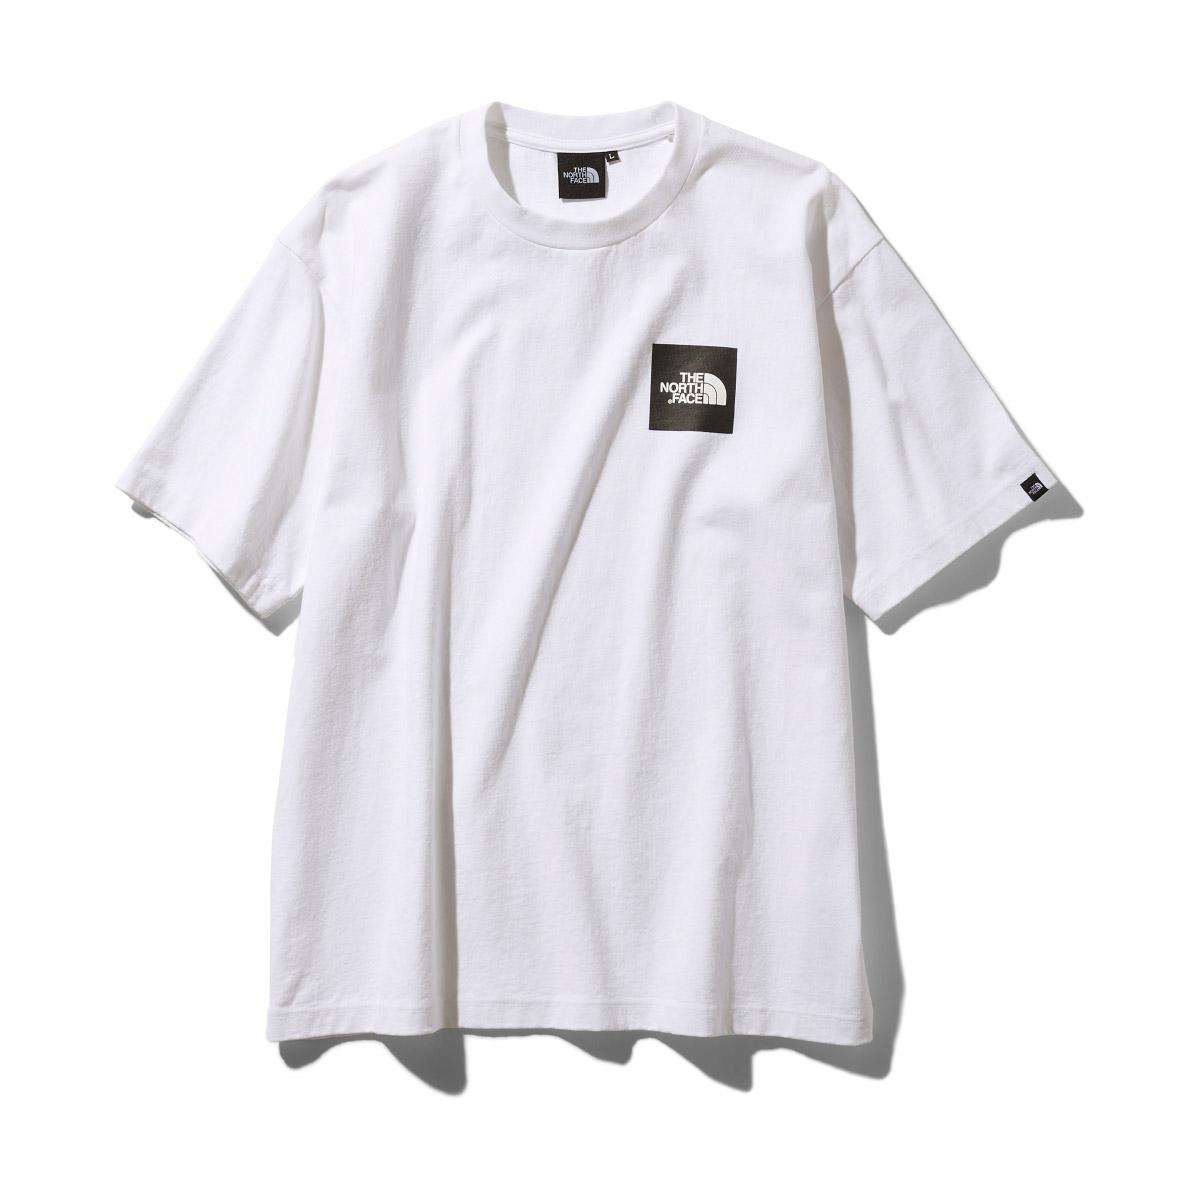 THE NORTH FACE S/S SQUARE LOGO TEE(ザ・ノース・フェイス S/S スクエアロゴ ティー)ホワイト【メンズ Tシャツ】19FW-I